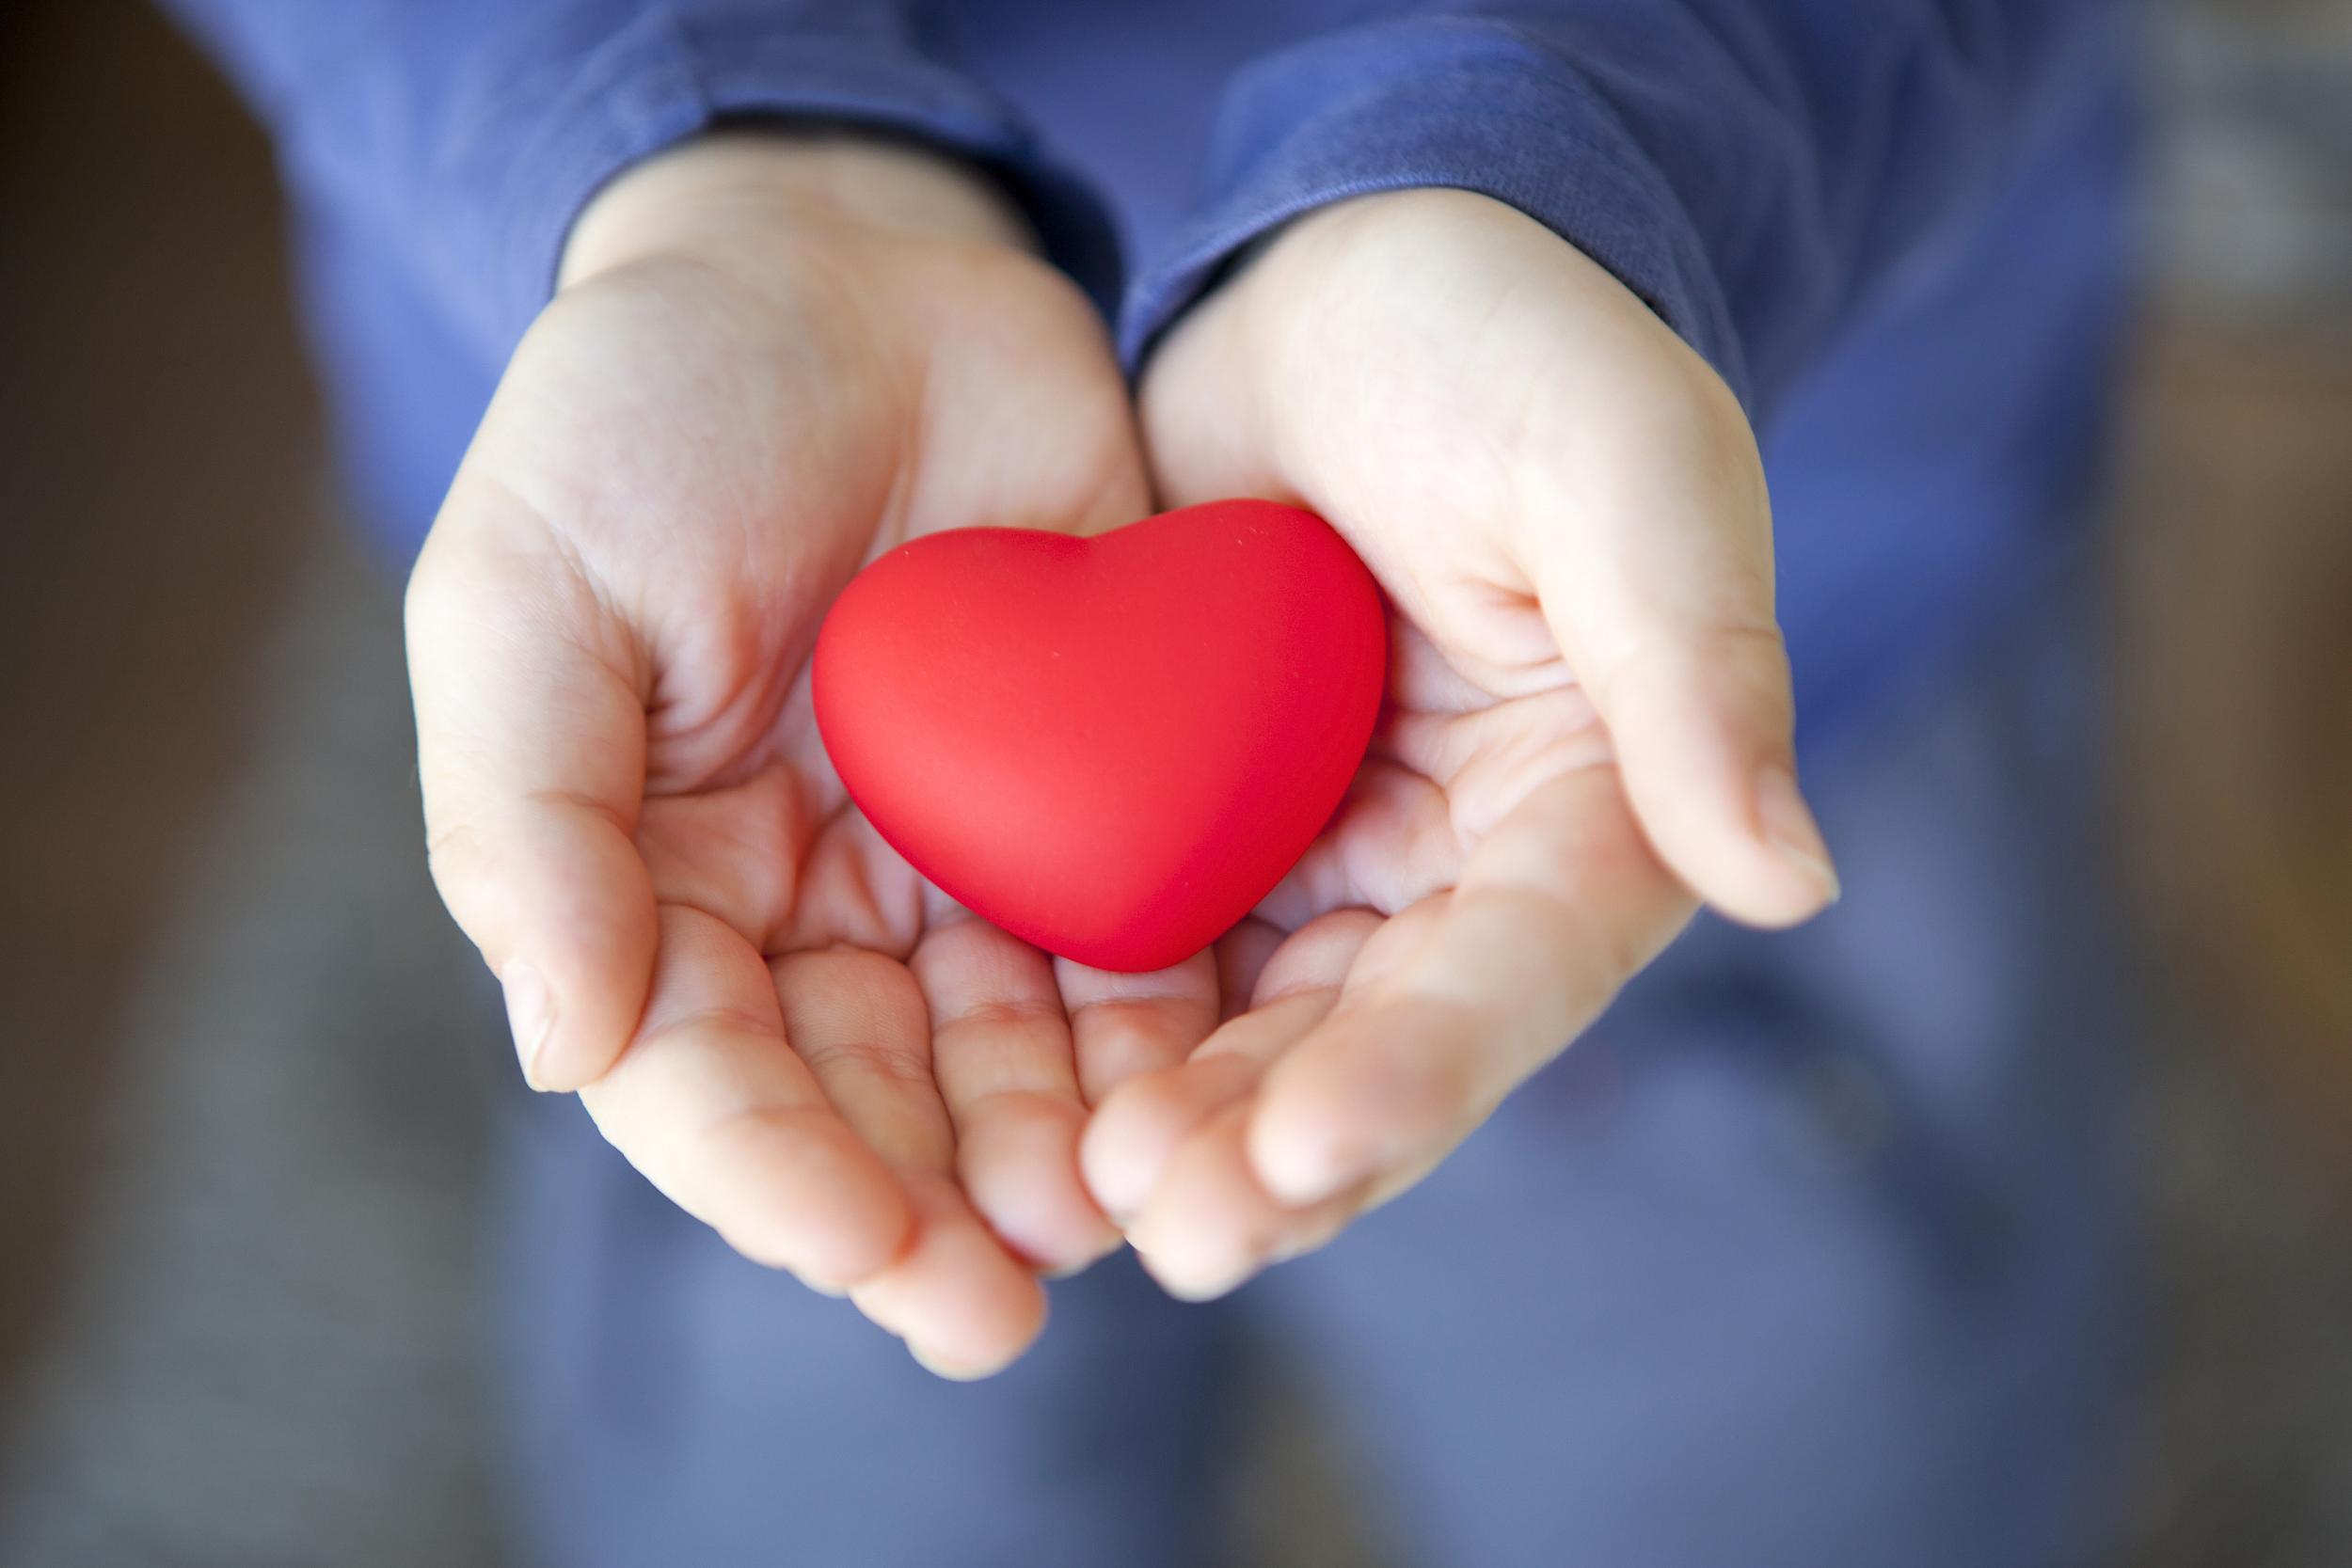 医疗器械|毛利率近90%,心脏医械商乐普心泰医疗赴港上市